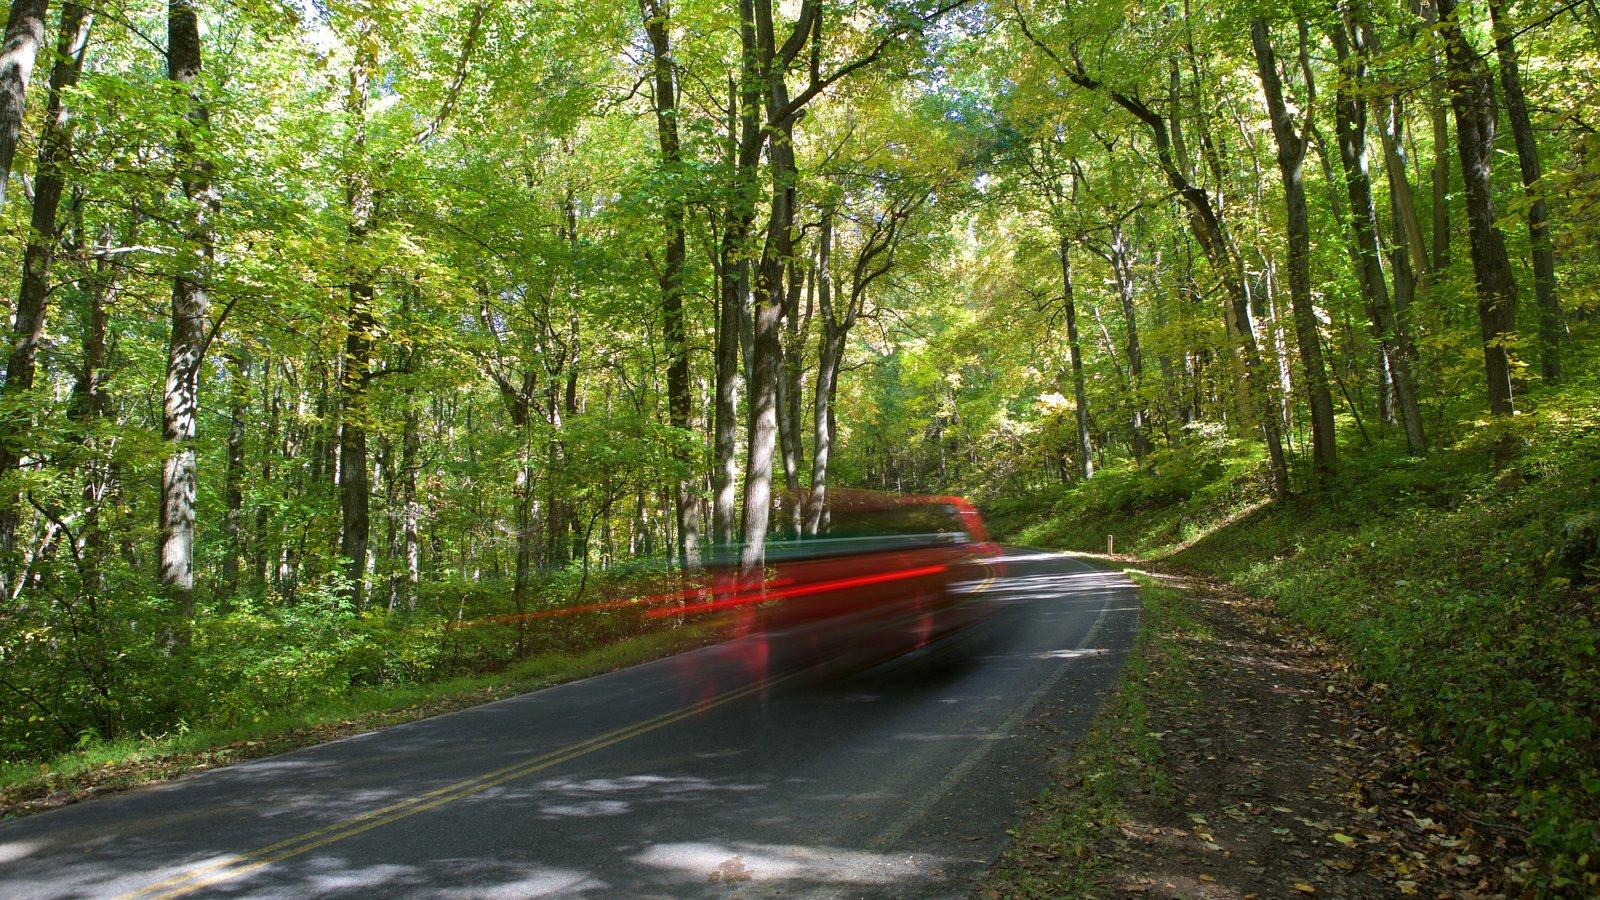 Parque Nacional Shenandoah que incluye bosques